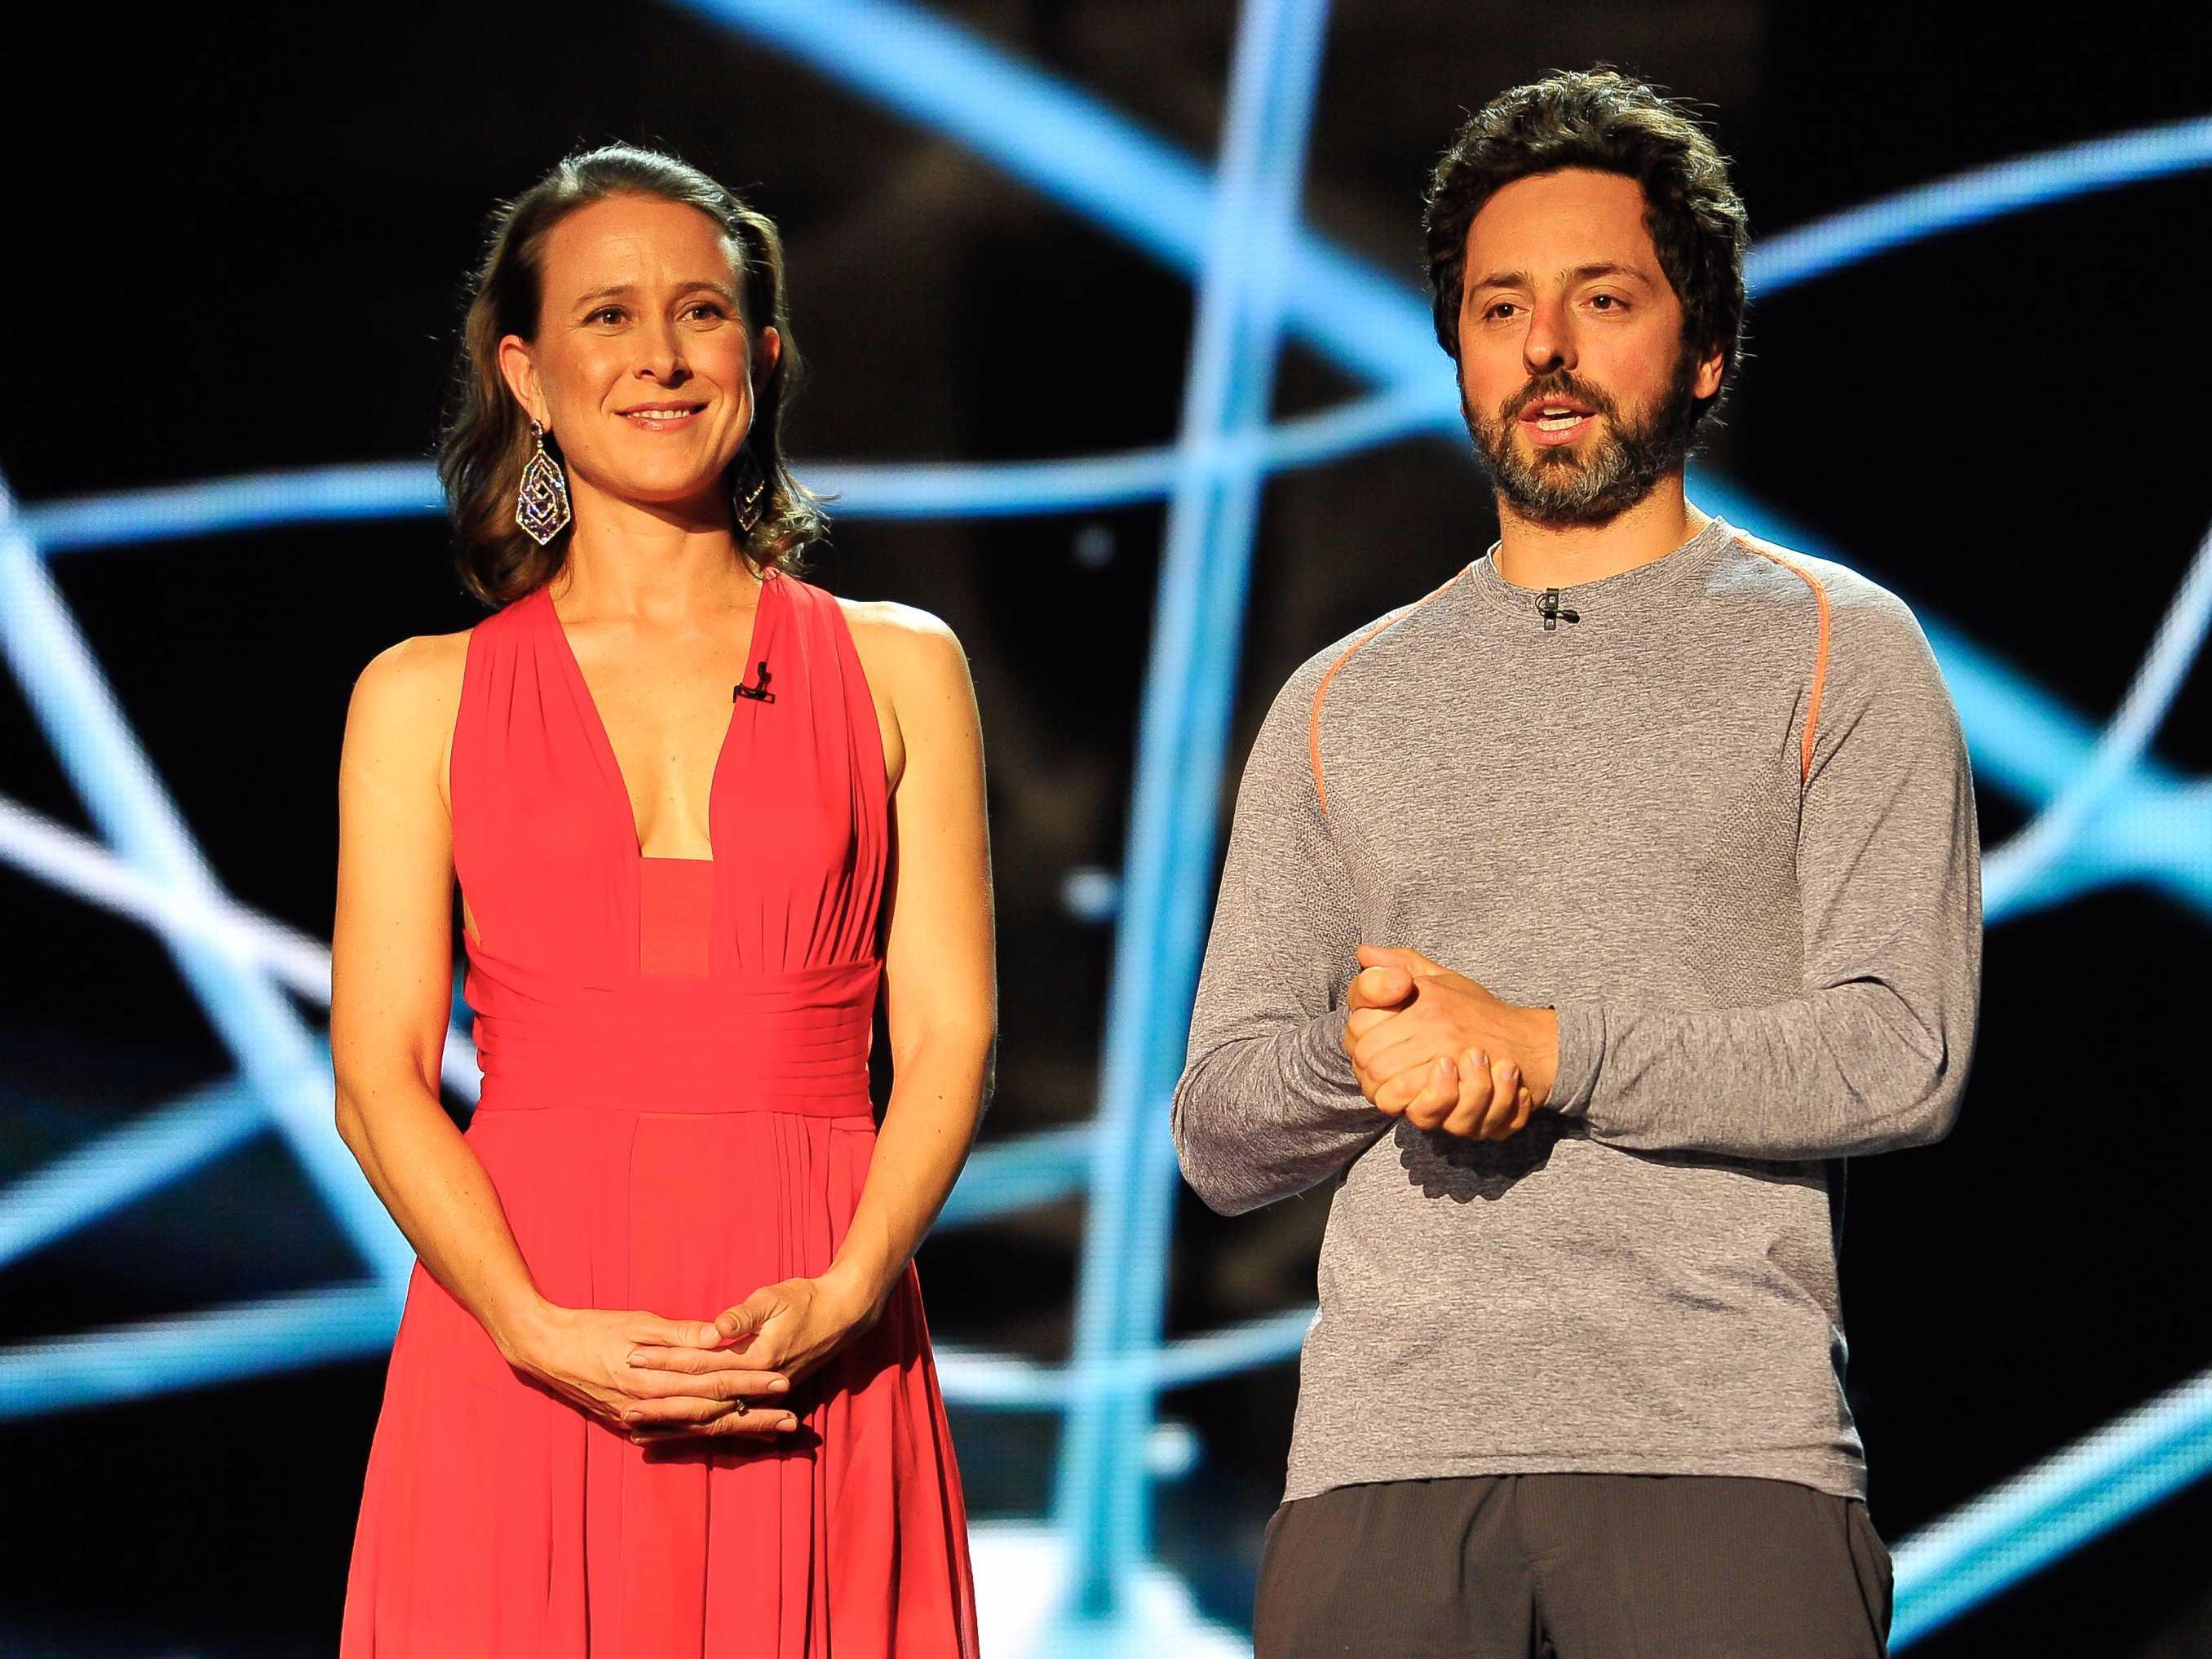 Google's Sergey Brin and Anne Wojcicki divorced.